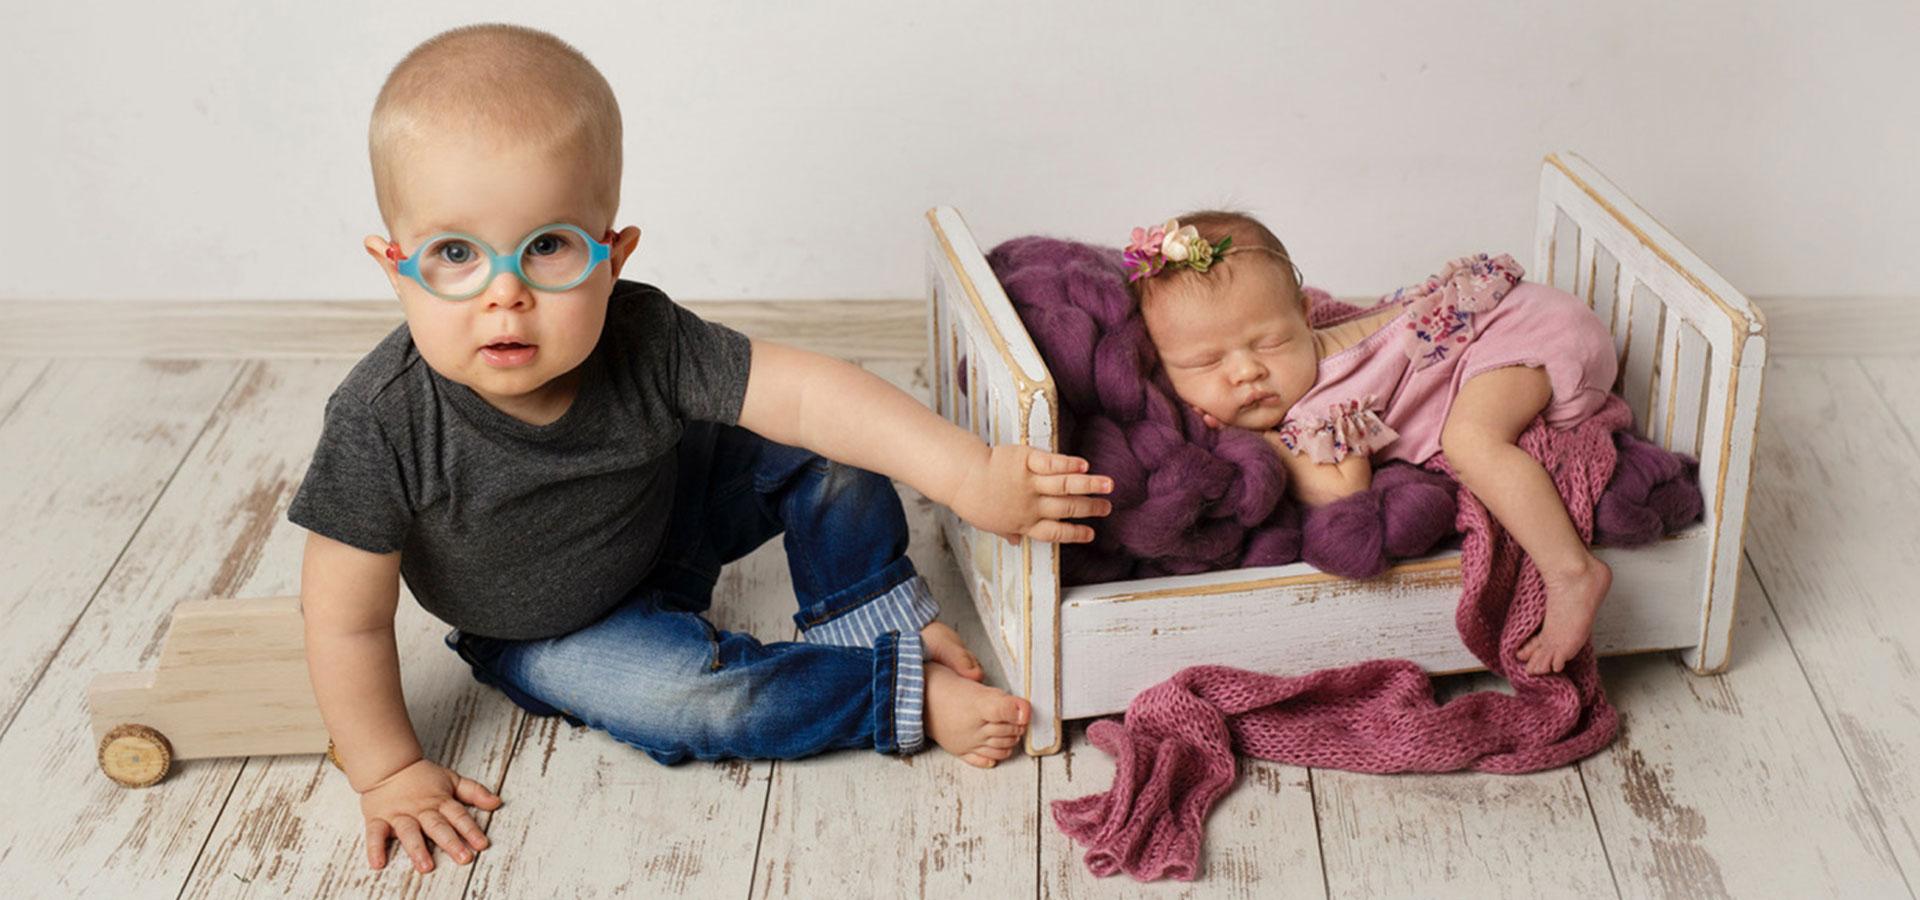 Pierwsza Interdyscyplinarna Konferencja dotycząca problemów dzieci z przepukliną oponowo-rdzeniową